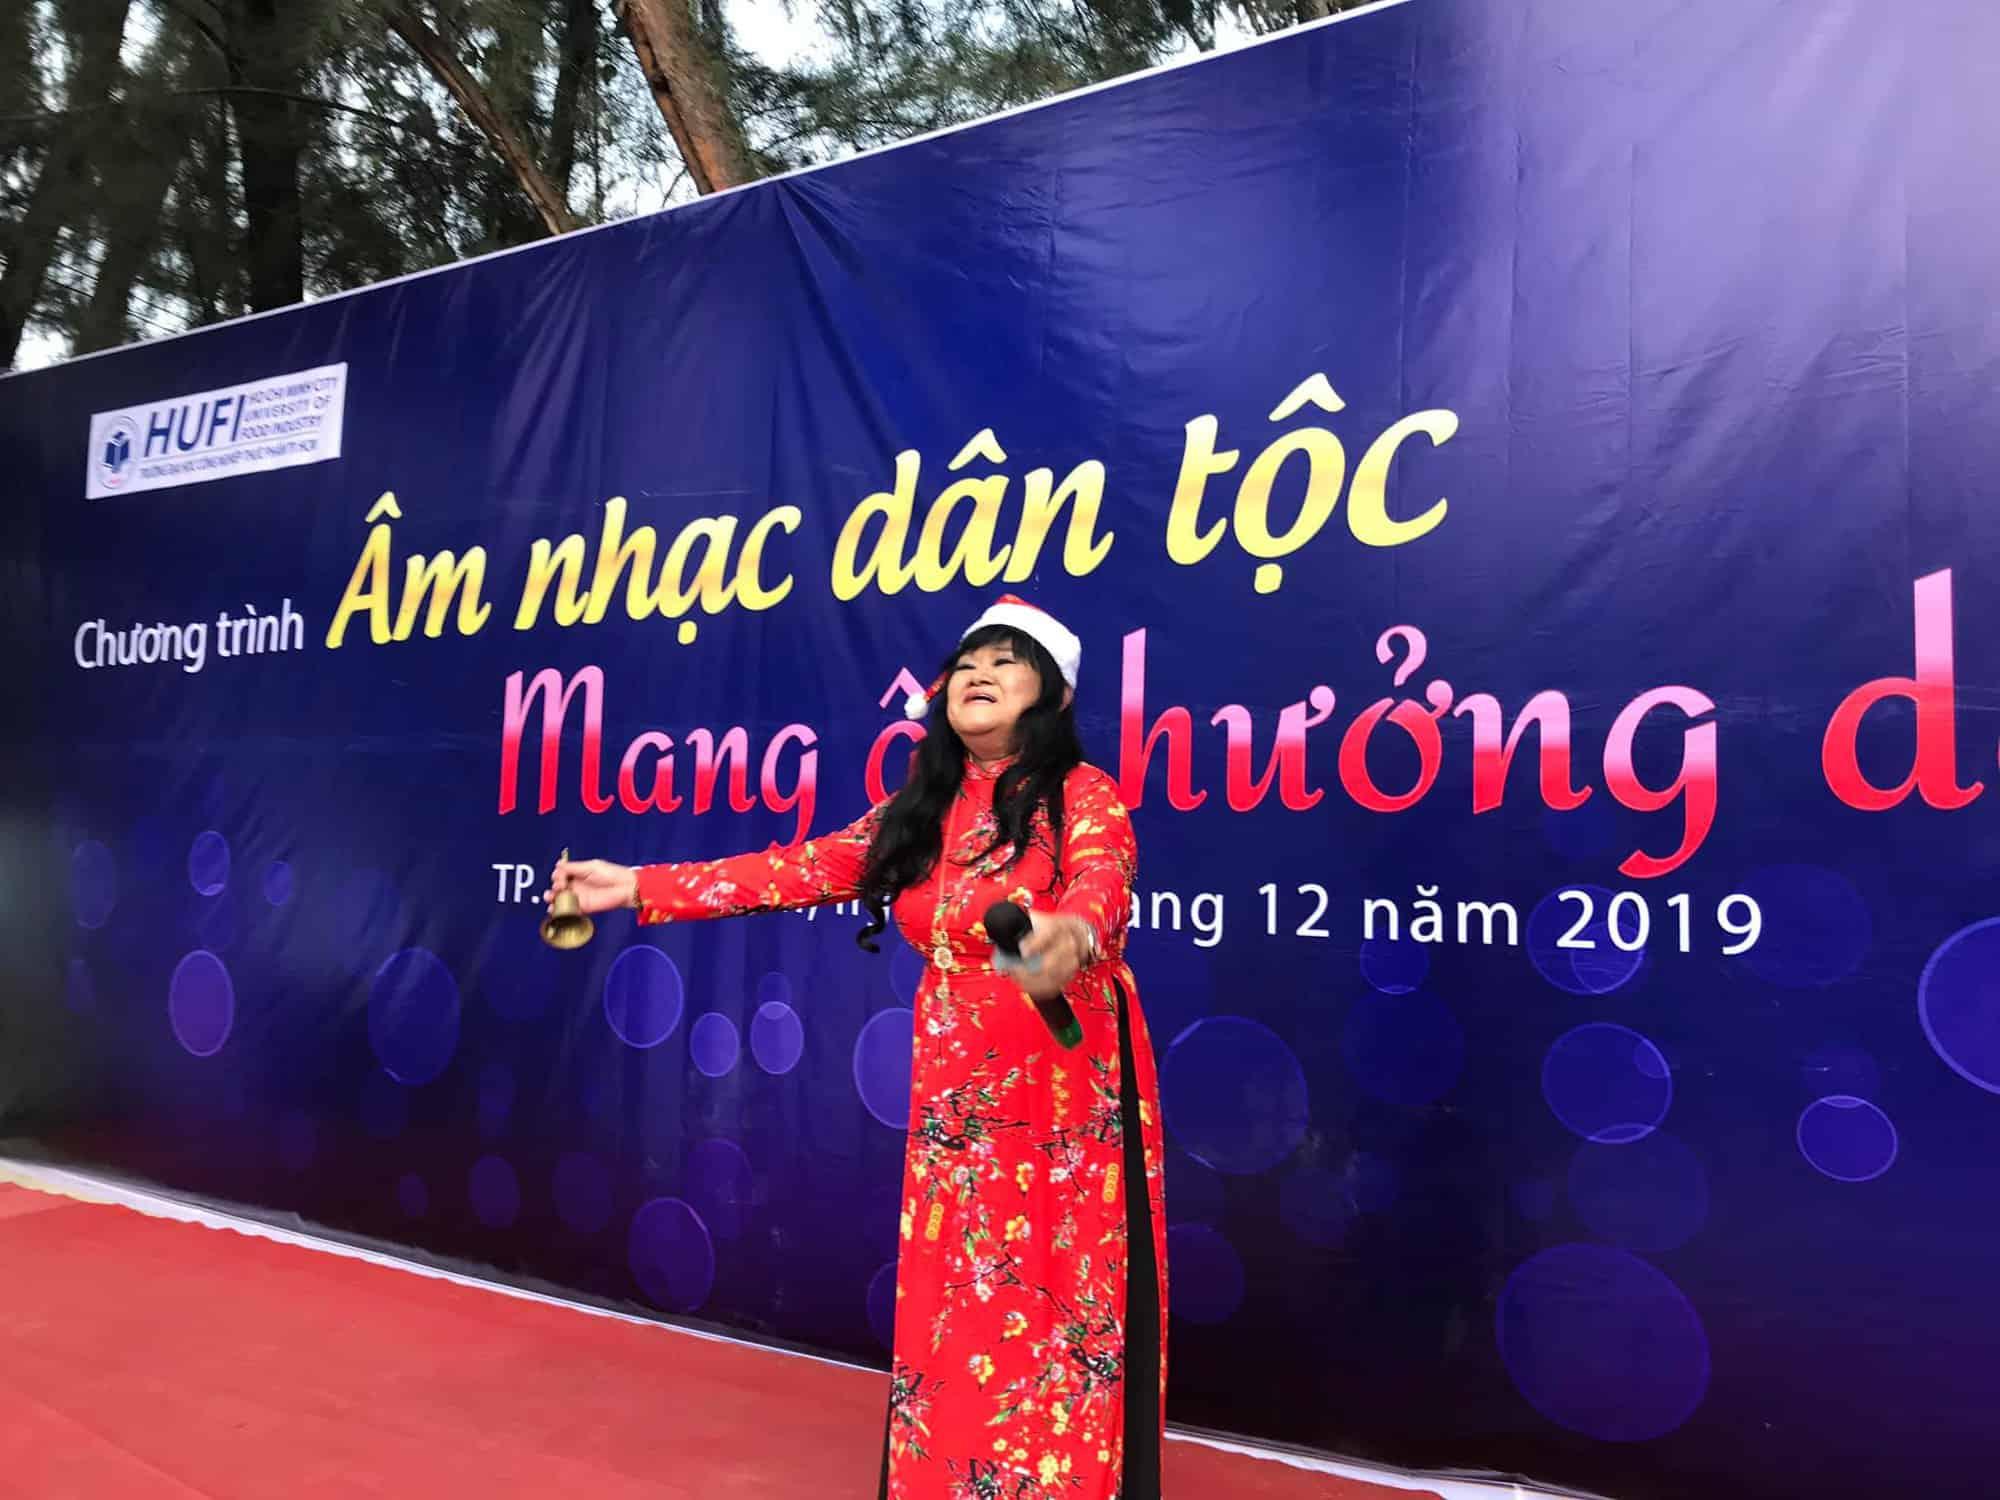 NSND Ngọc Giàu, NS Mạc Can, Việt Hương mang niềm vui san sẻ trong mùa Giáng sinh - Ảnh 9